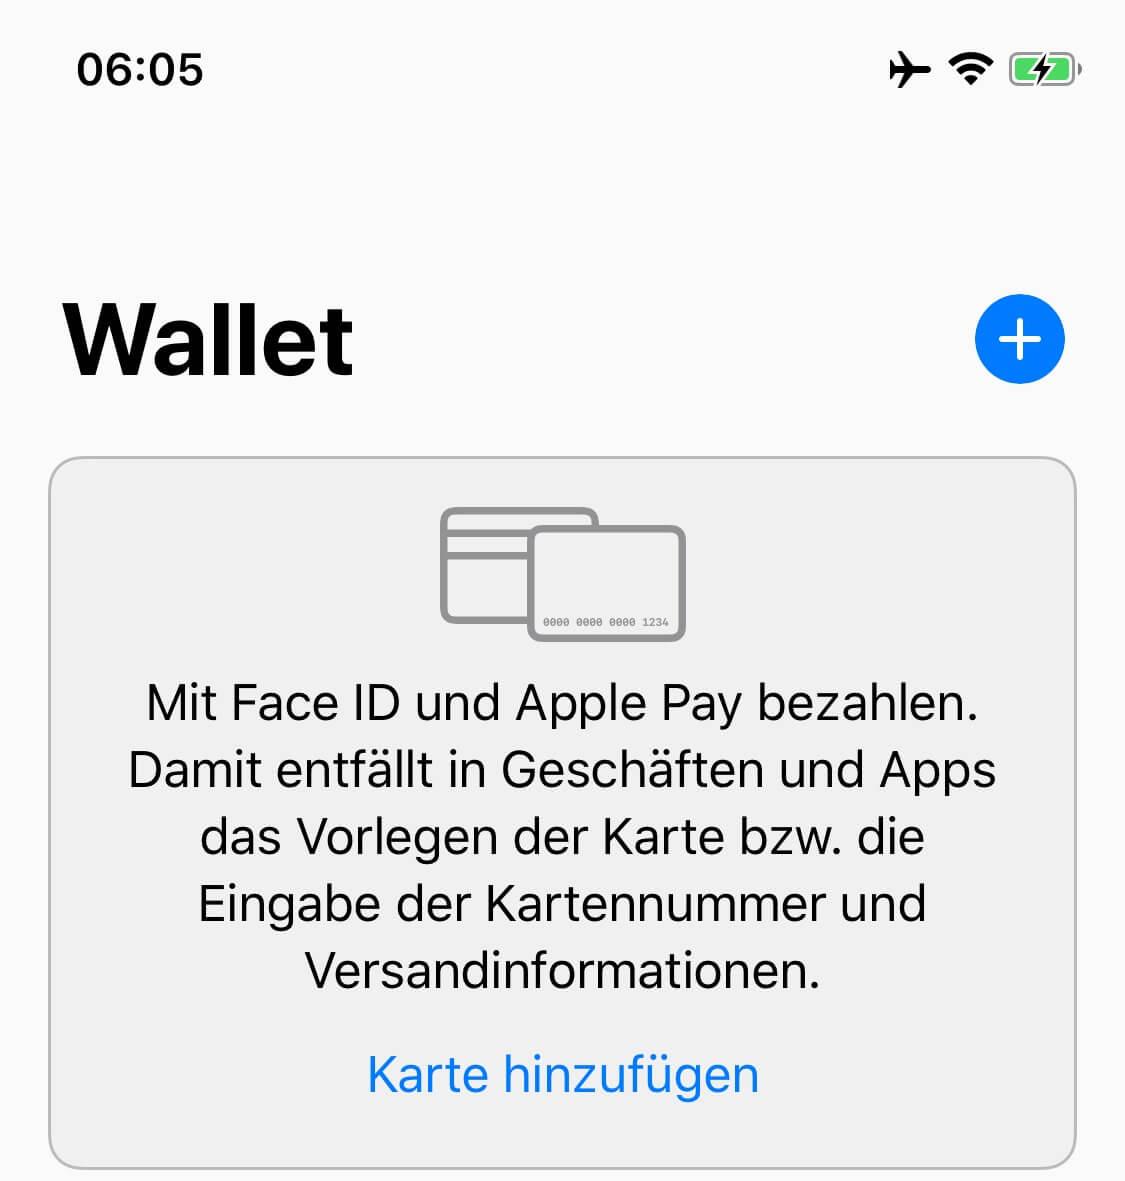 Apple Pay Wallet hinzufügen - Screenshot